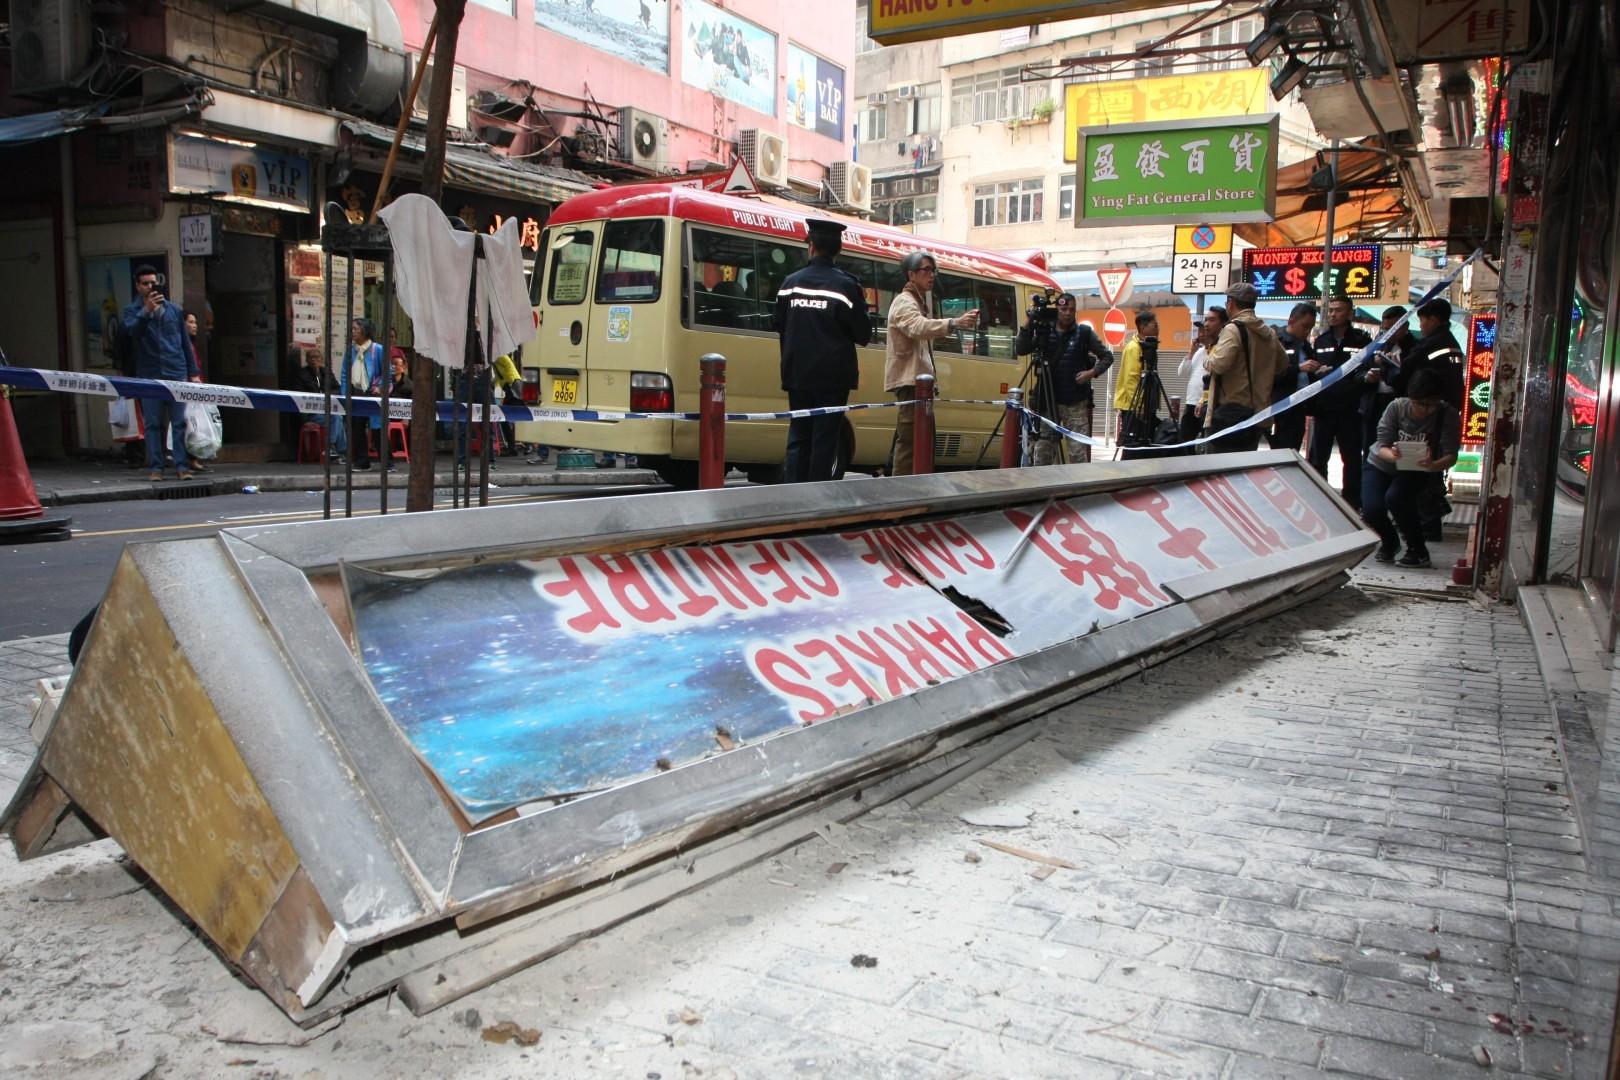 Hong Kong police arrest business owner after sign falls